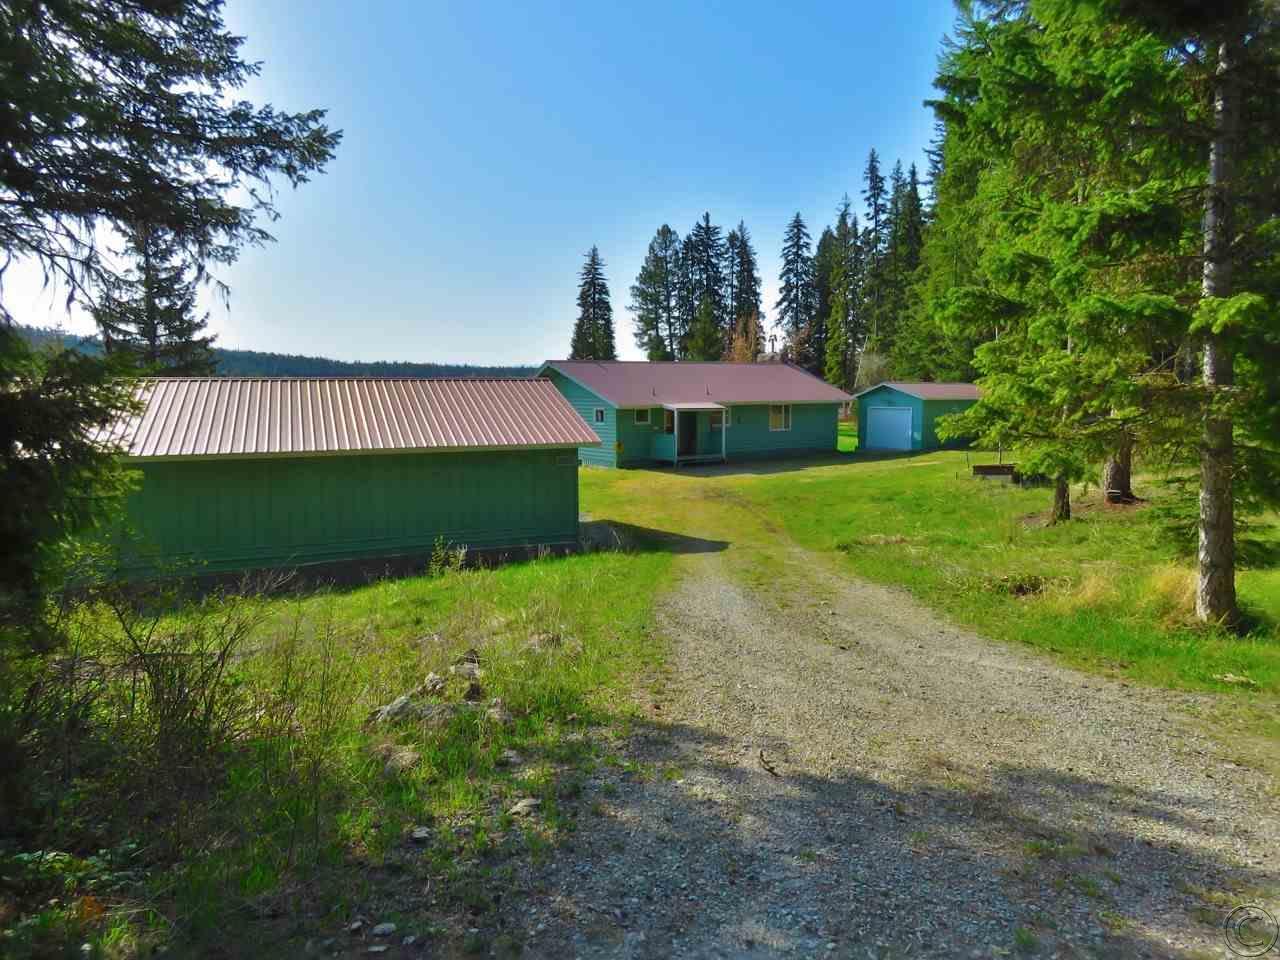 Real Estate for Sale, ListingId: 33758184, Proctor,MT59929